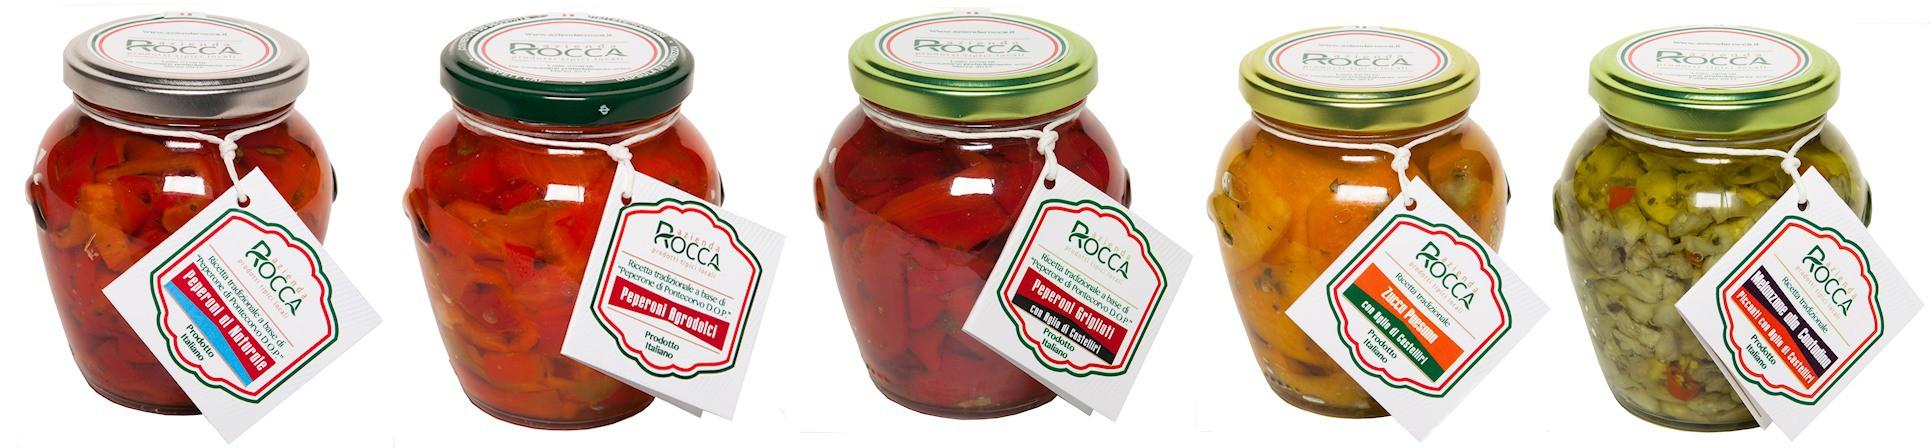 B2B GUSTOX - il Marketplace all'ingrosso delle eccellenze agroalimentari italiane - Azienda ROCCA